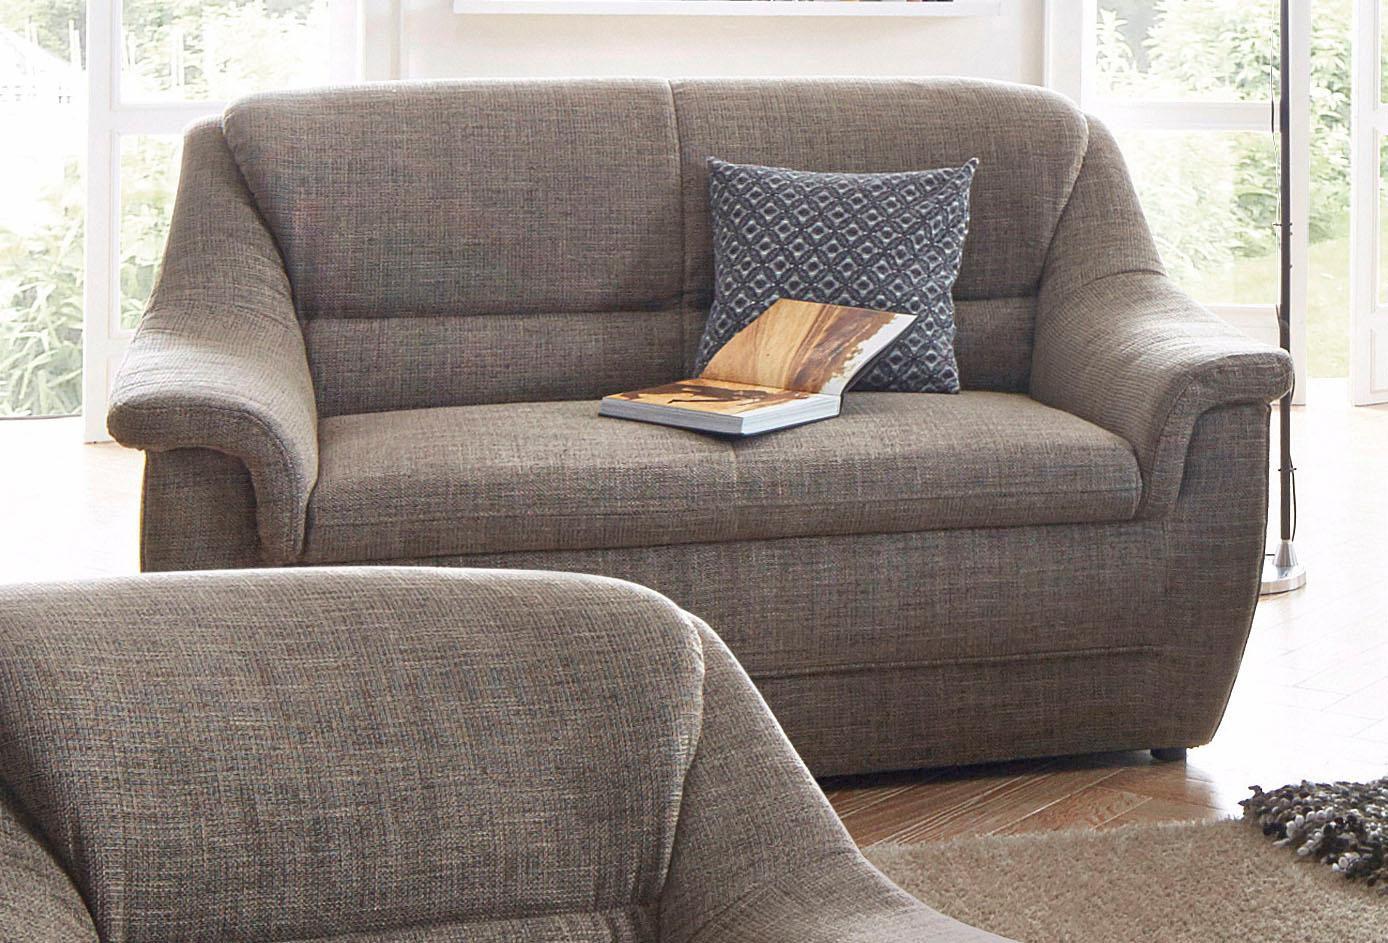 2-Sitzer, optimal für kleinere Räume